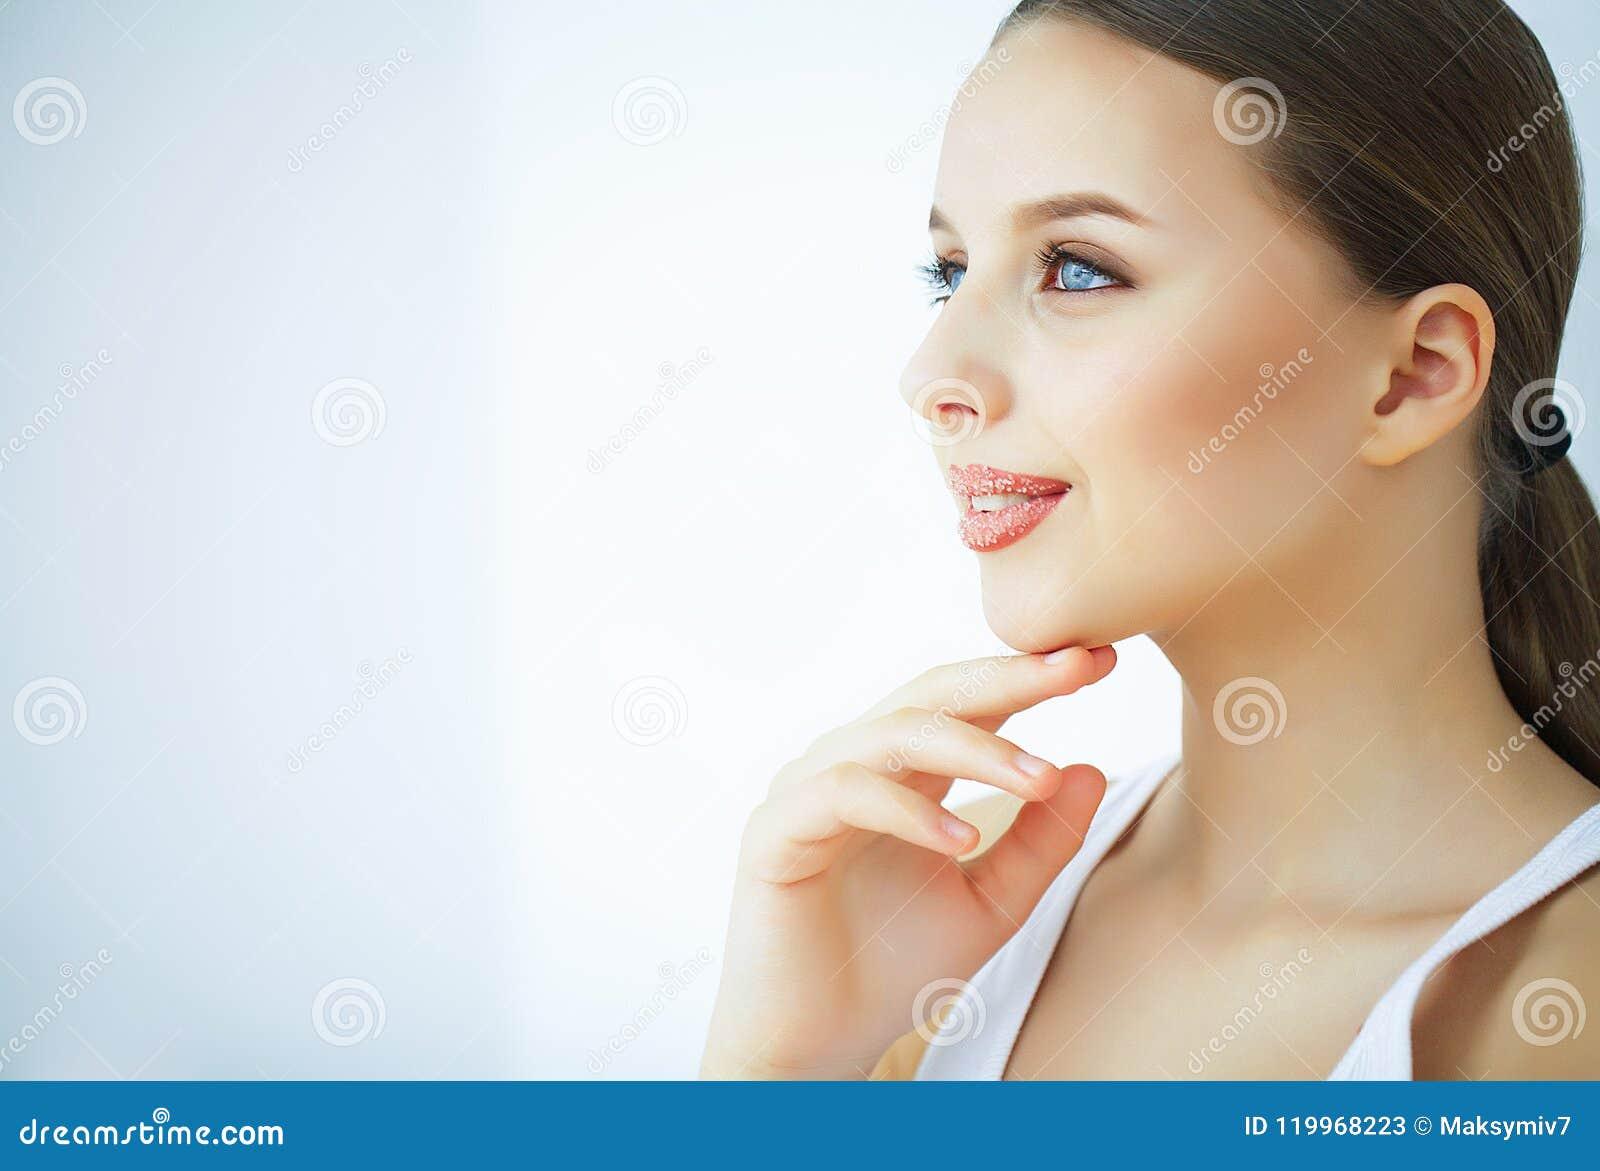 Schönheit und Sorgfalt Porträt einer jungen Frau mit einer schönen Haut